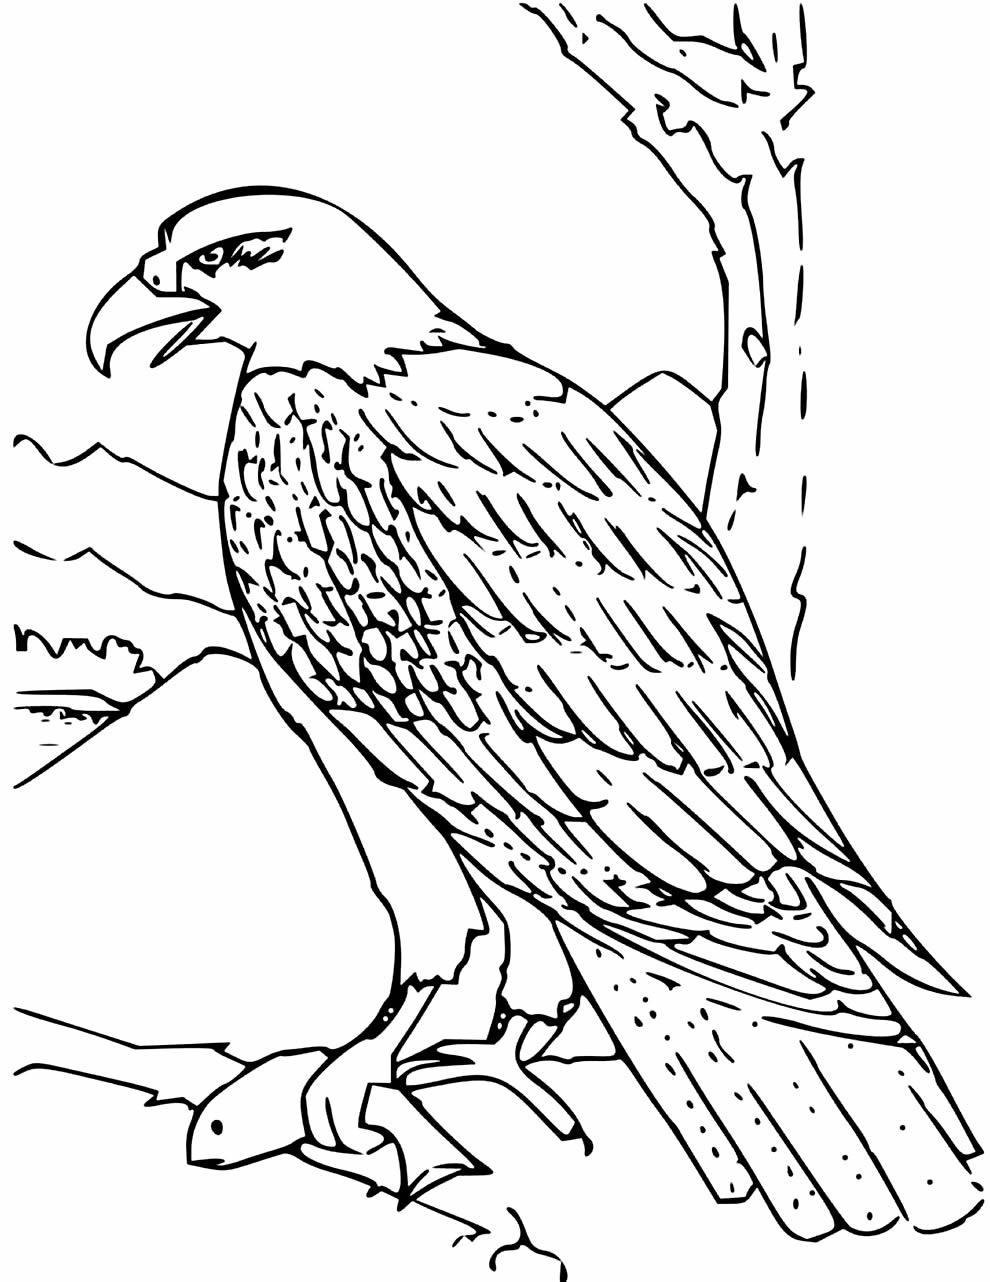 Desenho para colorir de Águia